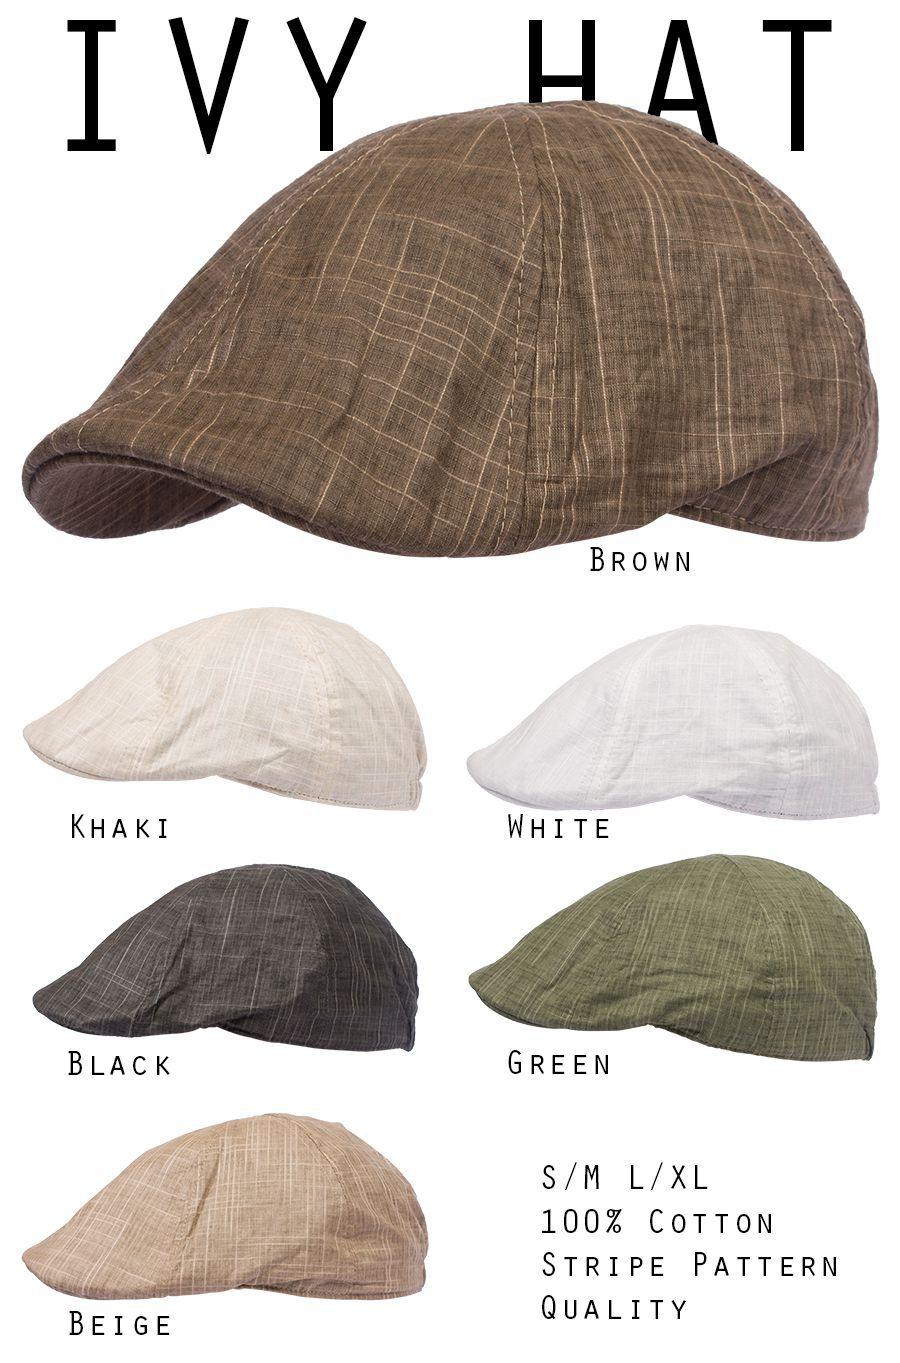 Ivy Hat Gatsby Flat Newsboy Duckbill Cotton Cap Men